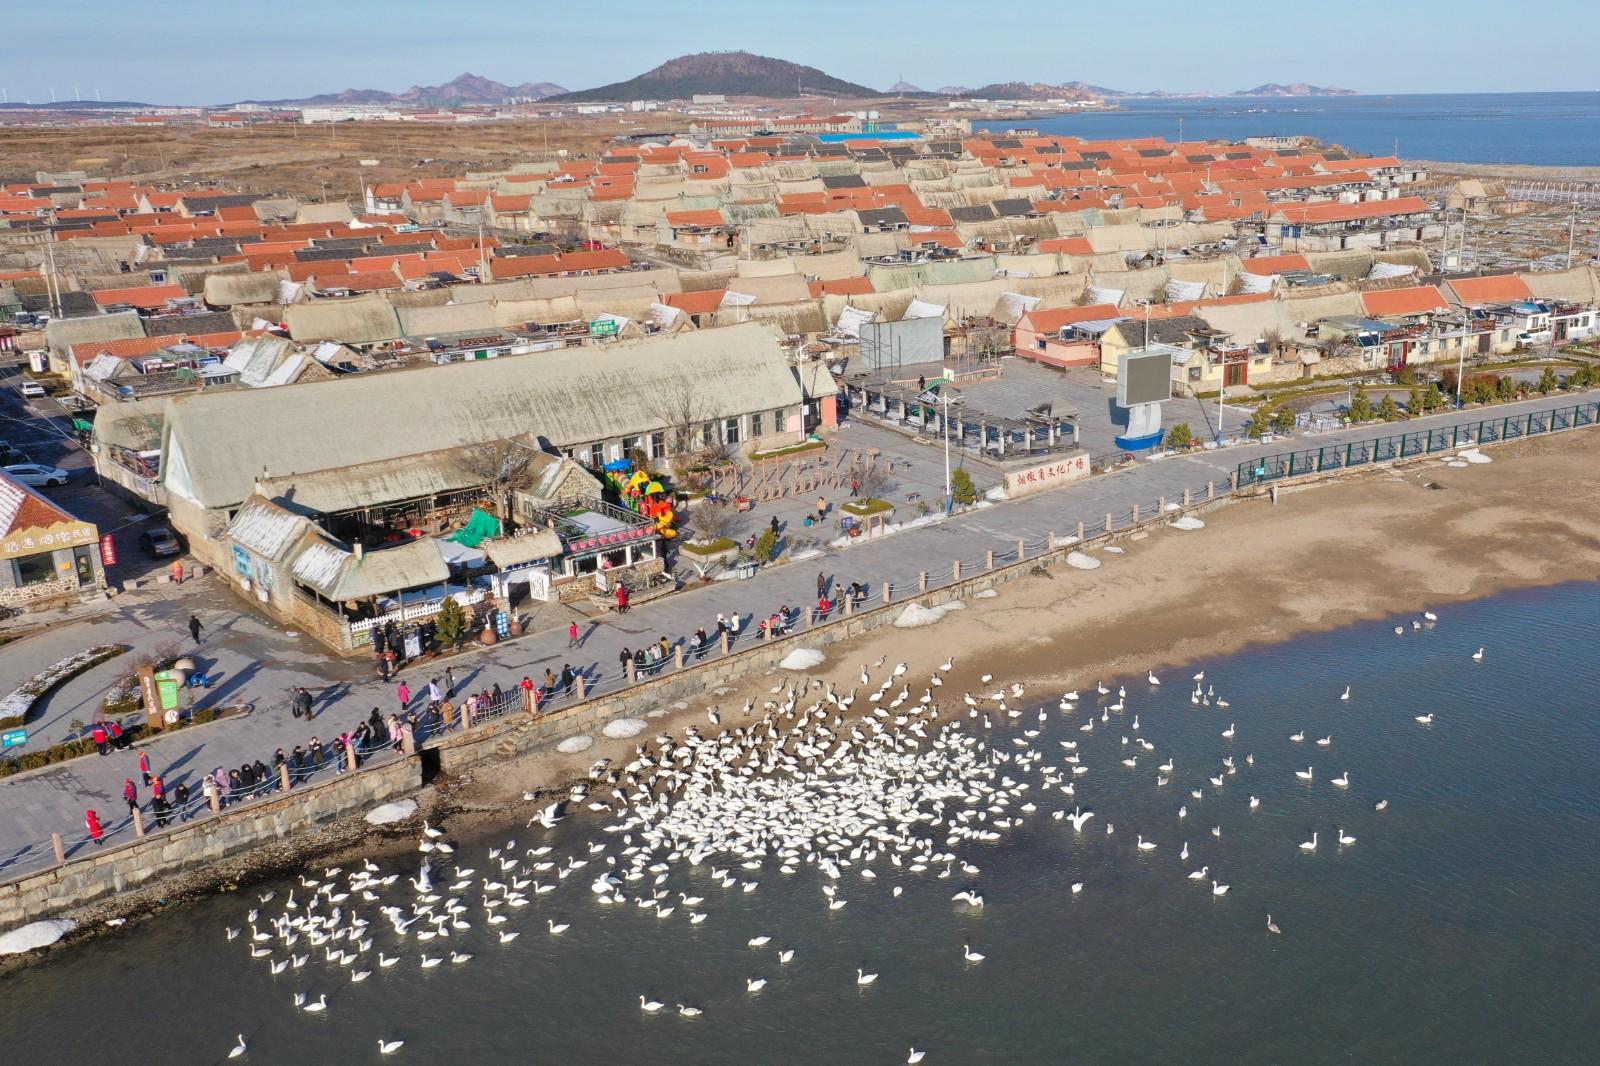 """这是1月9日在荣成大天鹅国家级自然保护区拍摄的大天鹅(无人机照片)。每年10月至次年3月,成千上万只大天鹅陆续从西伯利亚等地翩然飞临""""中国大天鹅之乡""""山东省荣成市栖息越冬。荣成市地处山东半岛最东端,三面环海,独特的地理位置为大天鹅过冬提供了优越的自然条件。为保护大天鹅的栖息环境,荣成市于1985年建立大天鹅自然保护区,2007年4月经国务院批准为国家级自然保护区,保护区内建有救护中心、疫源疫病监测中心和天鹅湖、烟墩角2个保护管理站。2012年以来,荣成市为改善区域湿地生态质量,组织实施了生态清淤治理、残坝拆除、沙堤侵蚀整治和大叶藻修复等工程。如今黄海之滨的荣成已成为大天鹅在我国重要的越冬栖息地,形成了人与自然和谐共生的城市生态。新华社记者 侯东涛 摄"""